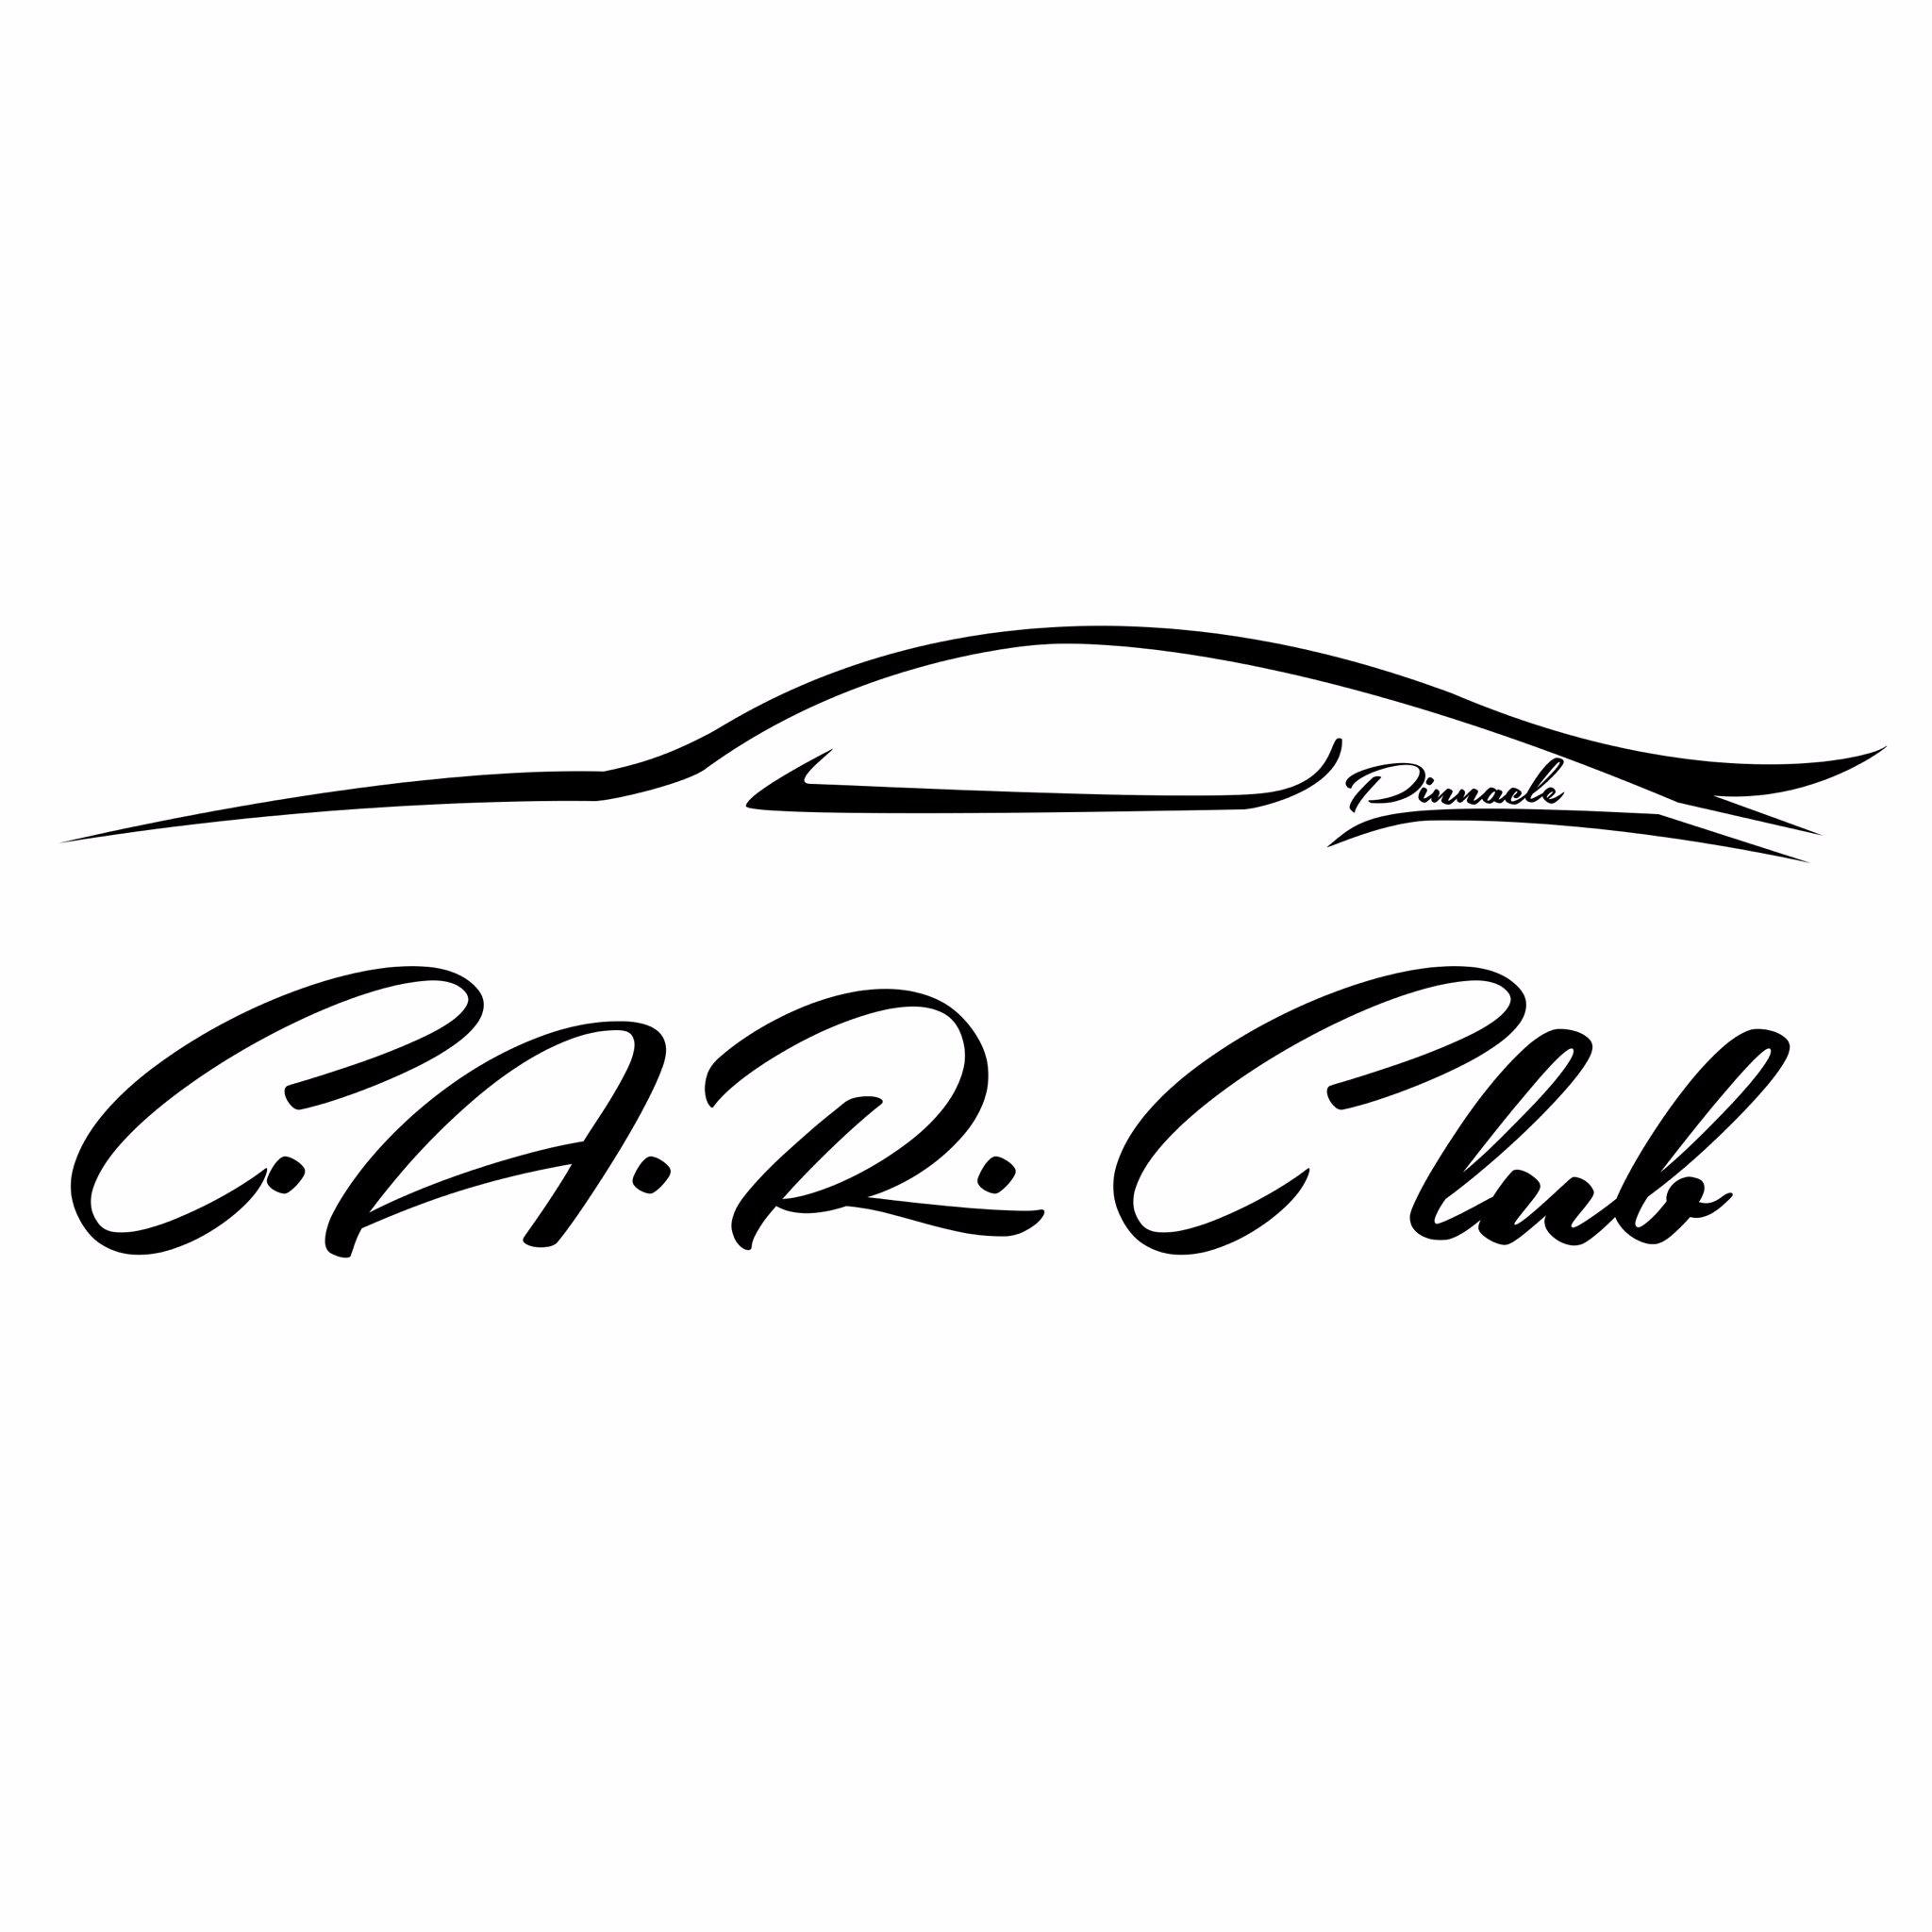 Pinnacle C.A.R. Club (@PinnacleCarClub) | Twitter